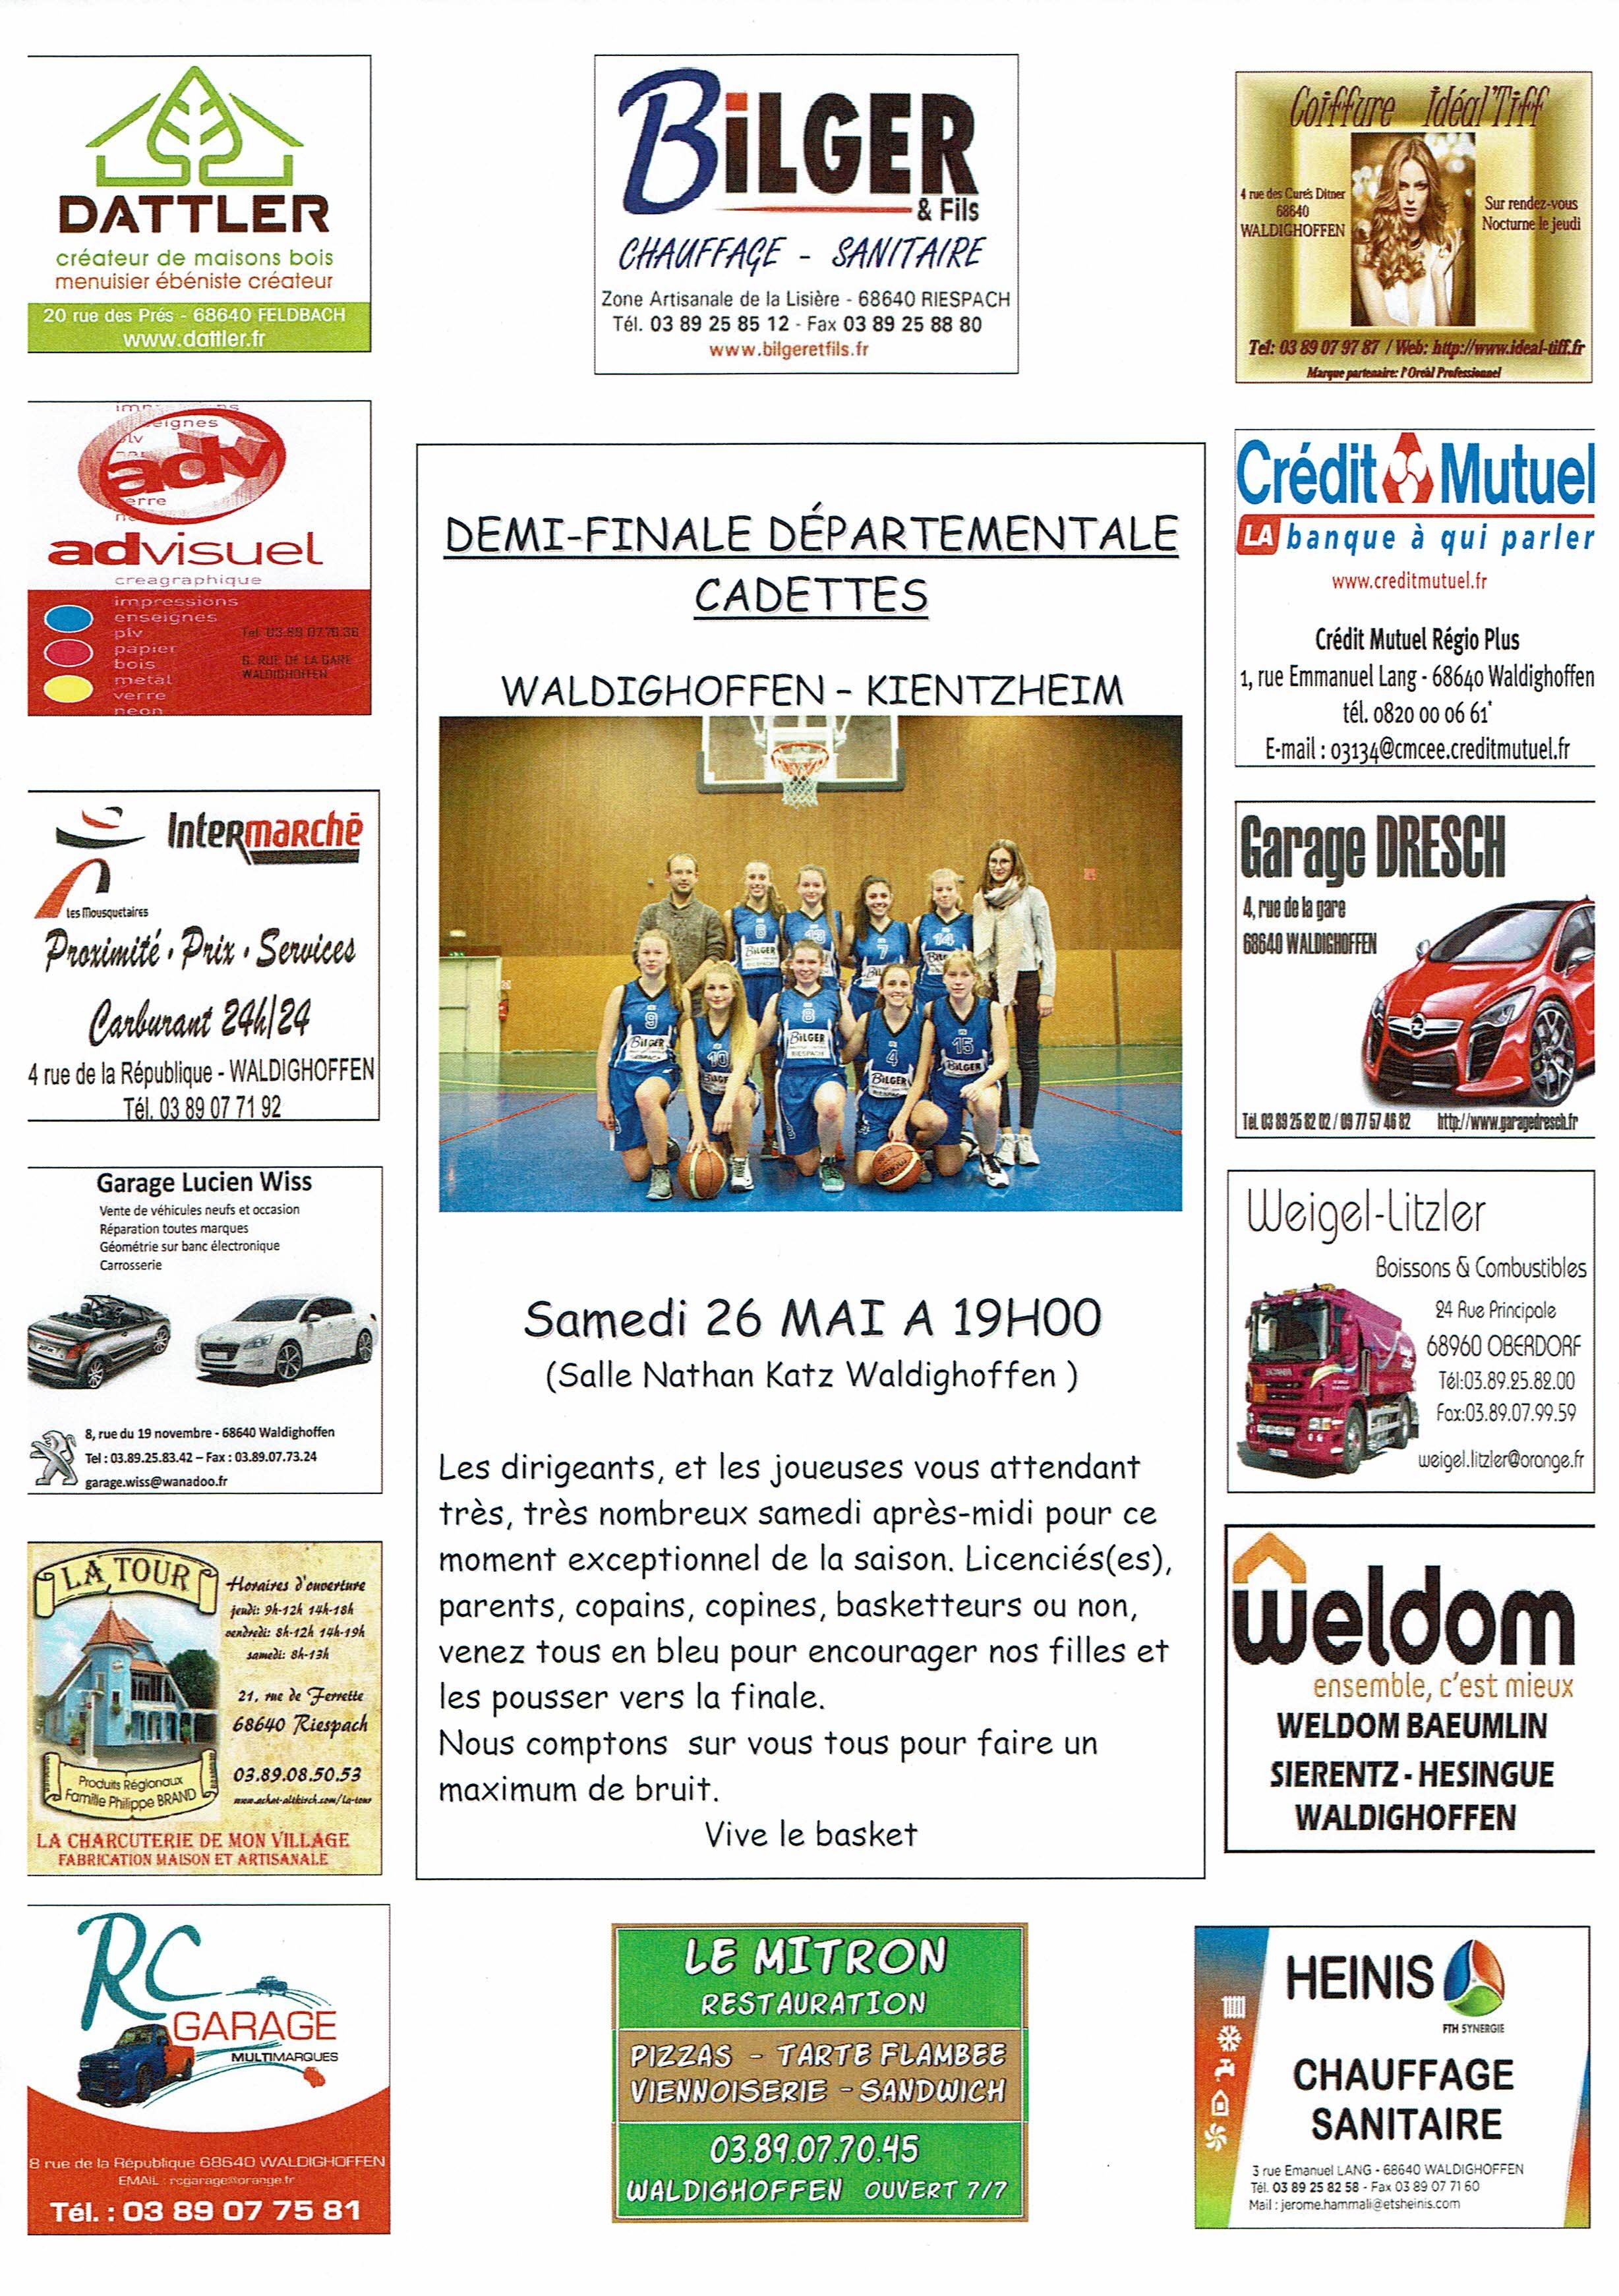 Affiche 1/2 finale cadettes du samedi 26 mai 2018.